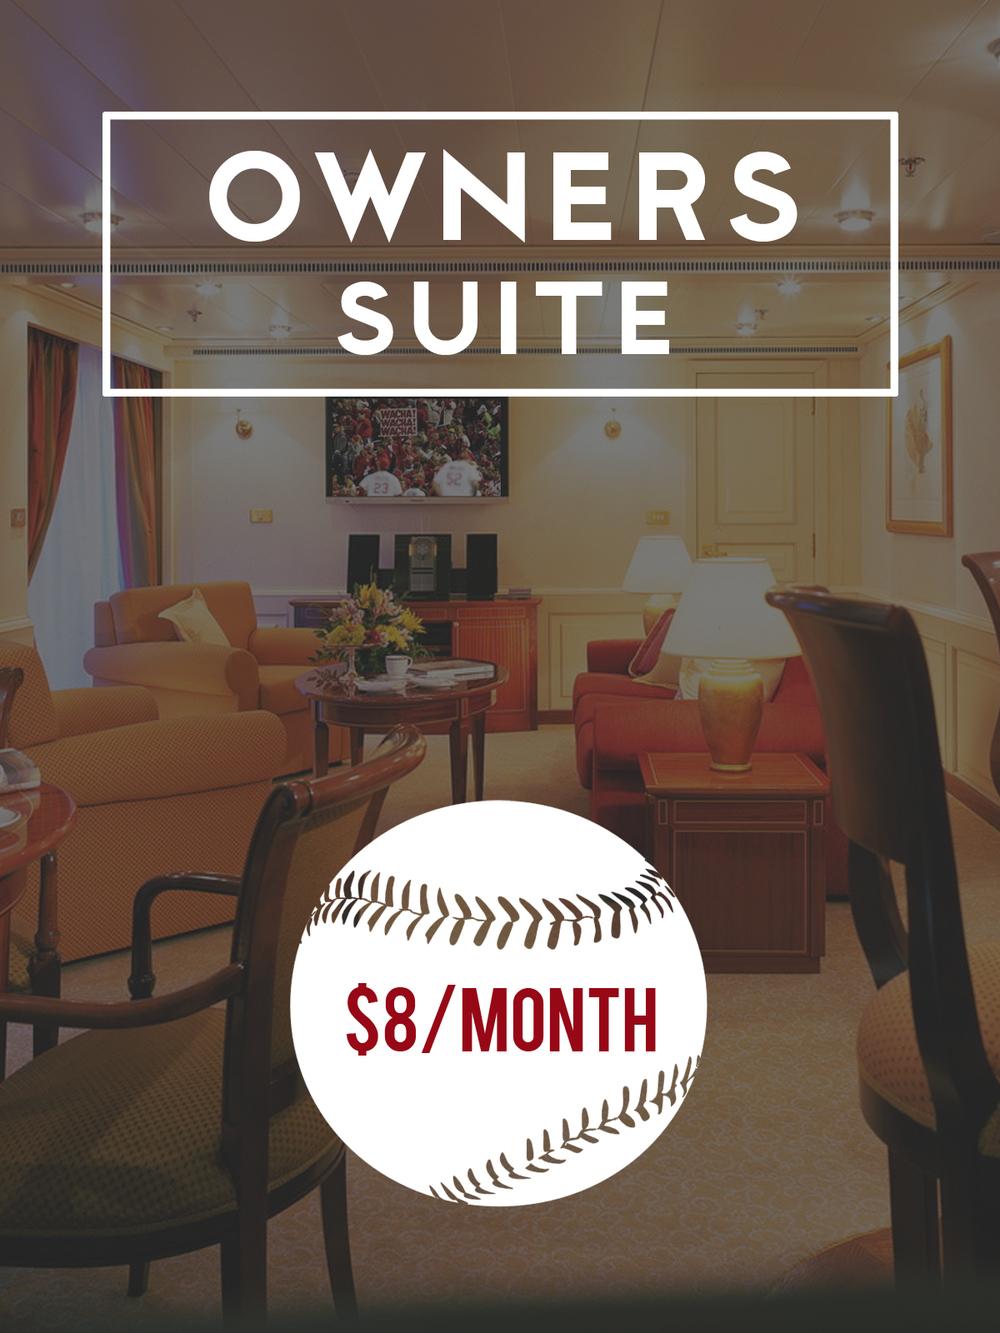 Owners suite.jpg